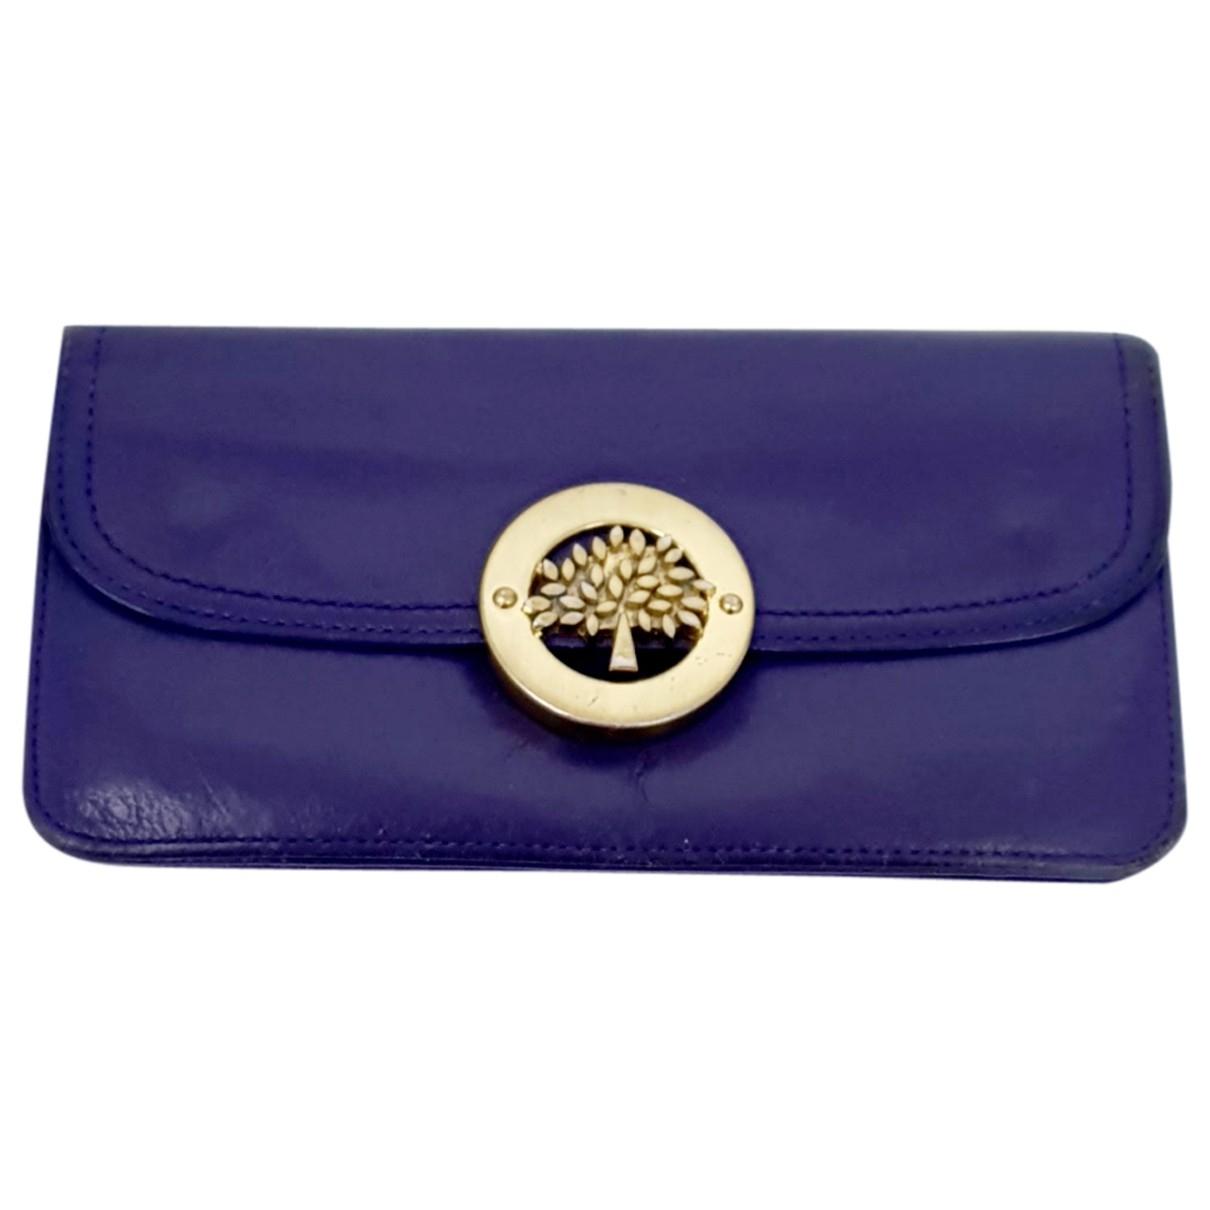 Mulberry - Portefeuille   pour femme en cuir